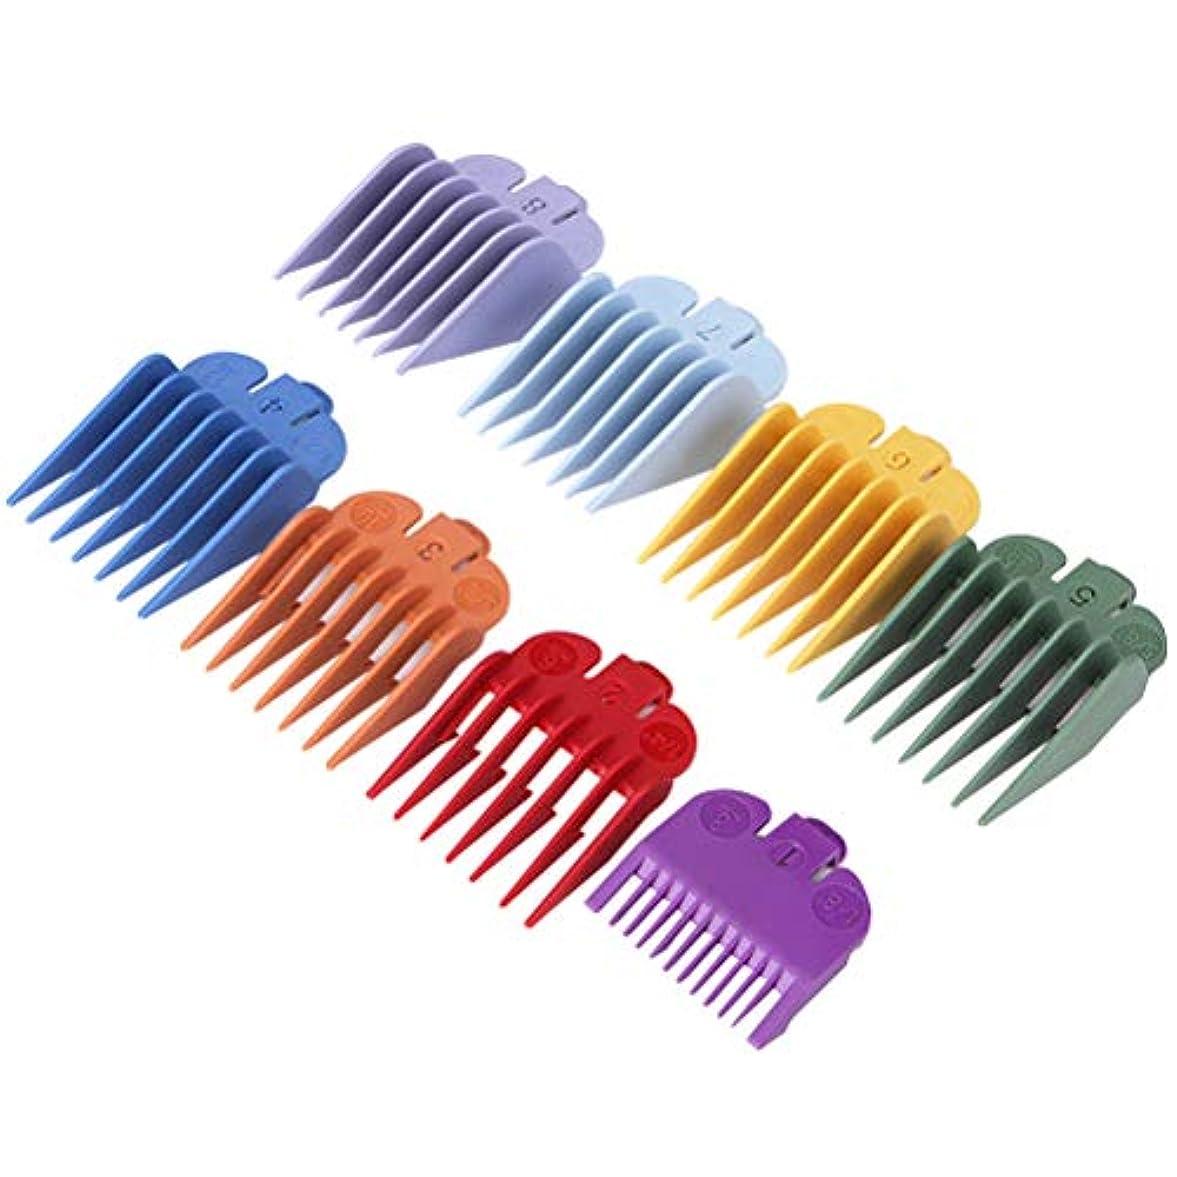 闘争パプアニューギニア大使Healifty バリカンアタッチメント櫛カラフルなリミットくしセット電気ヘアトリマーシェーバー理髪アクセサリー8ピース